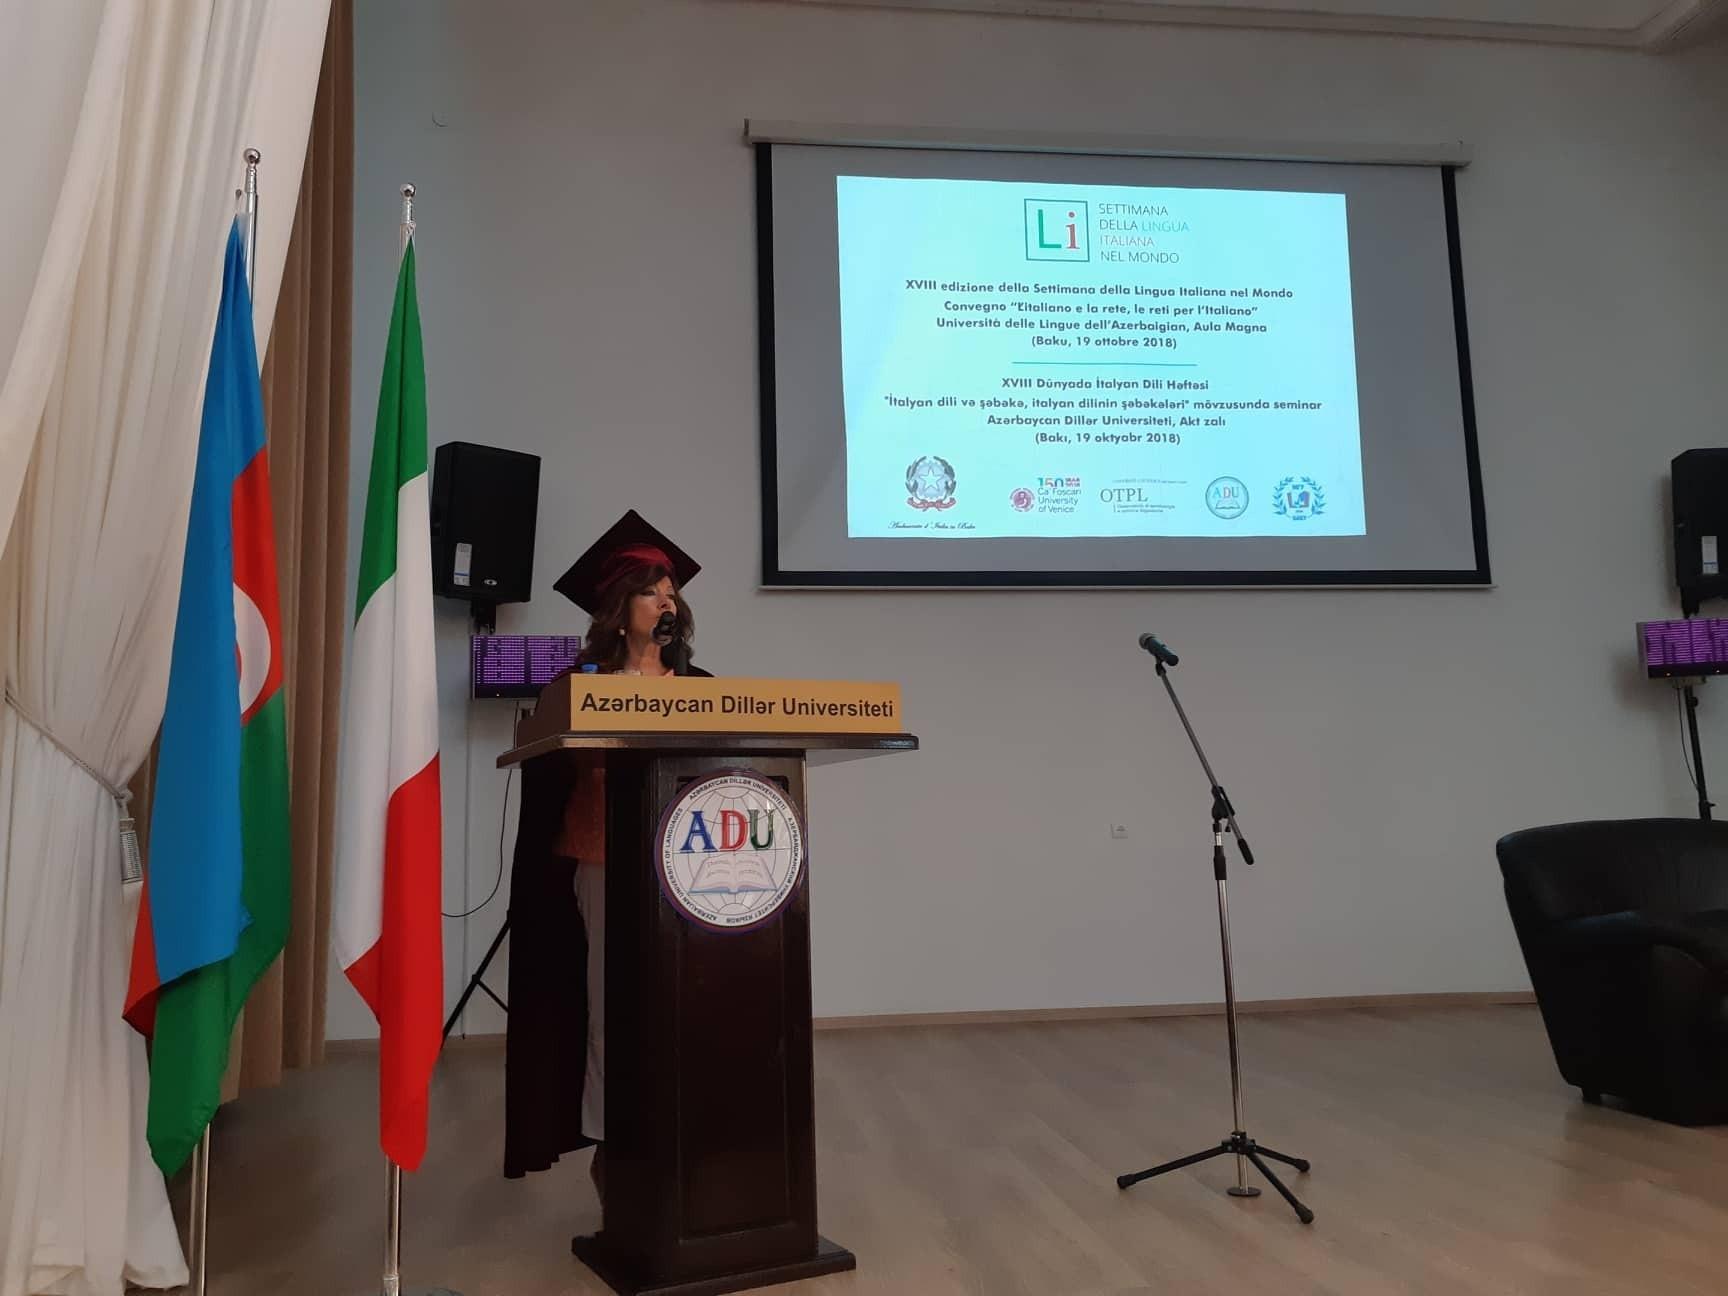 Председатель Сената: Буду делать все для укрепления связей между Азербайджаном и Италией